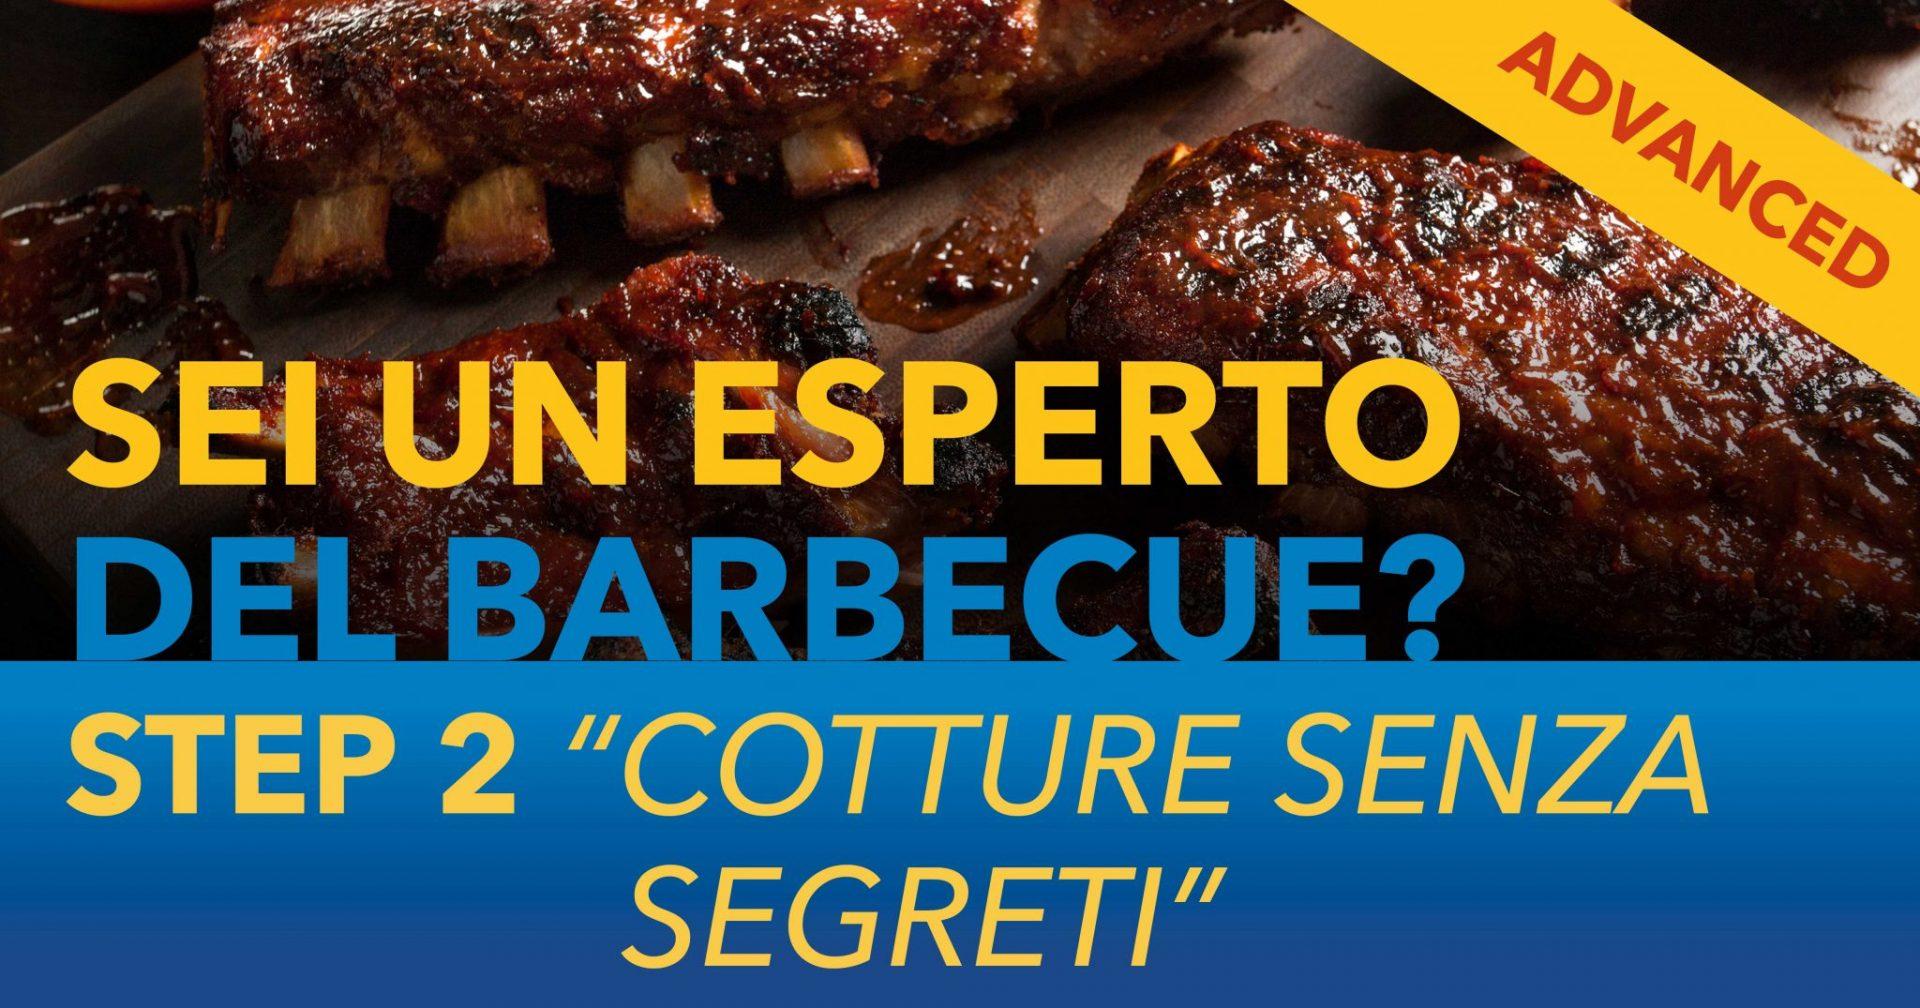 Corso Barbecue Avanzato - Diventa Pitmaster in 2 step